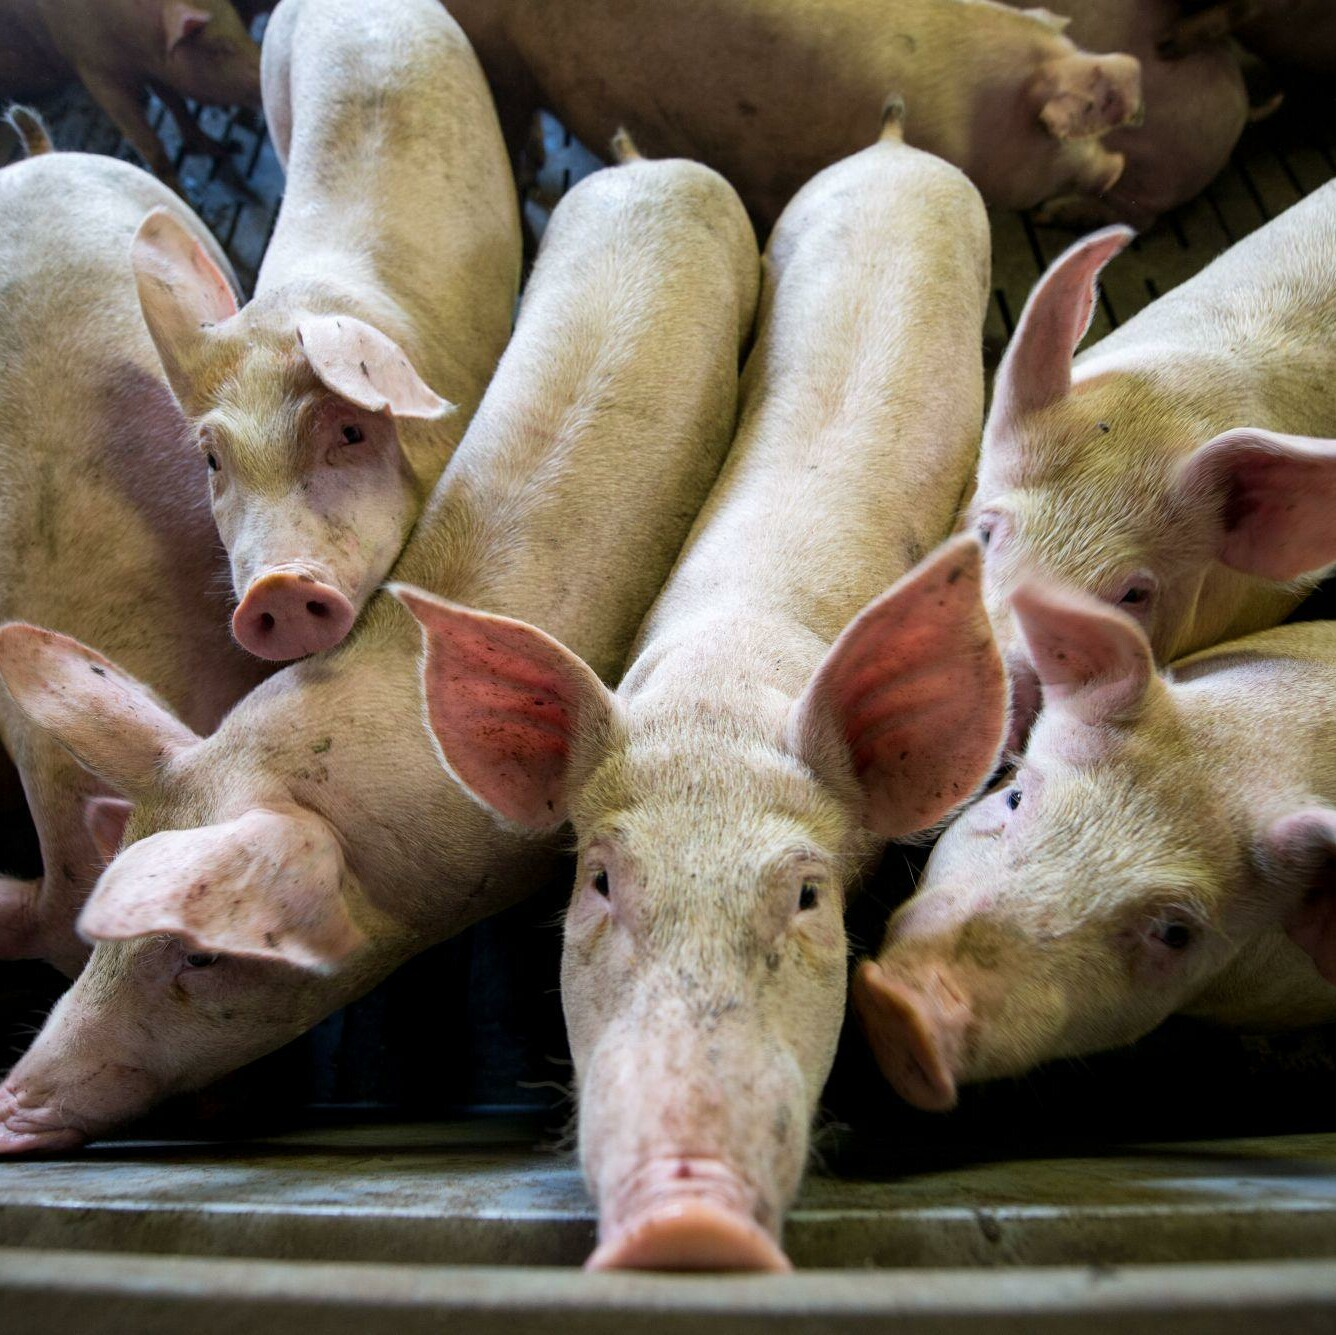 Helfen Sie VIER PFOTEN das Leiden der Schweine zu beenden